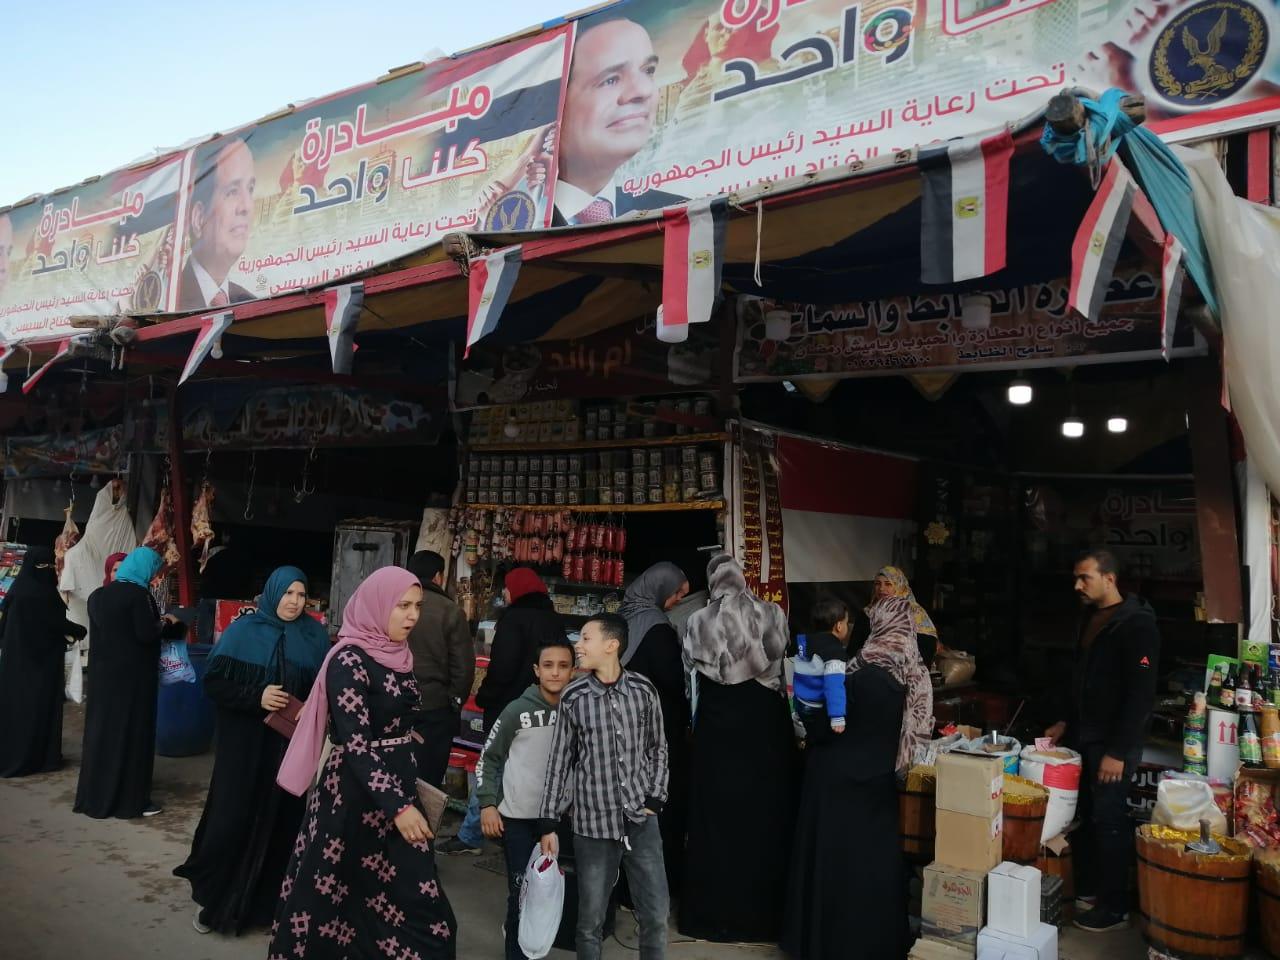 أسعار اللحوم والخضر والفواكه بأسواق محافظة الغربية (9)